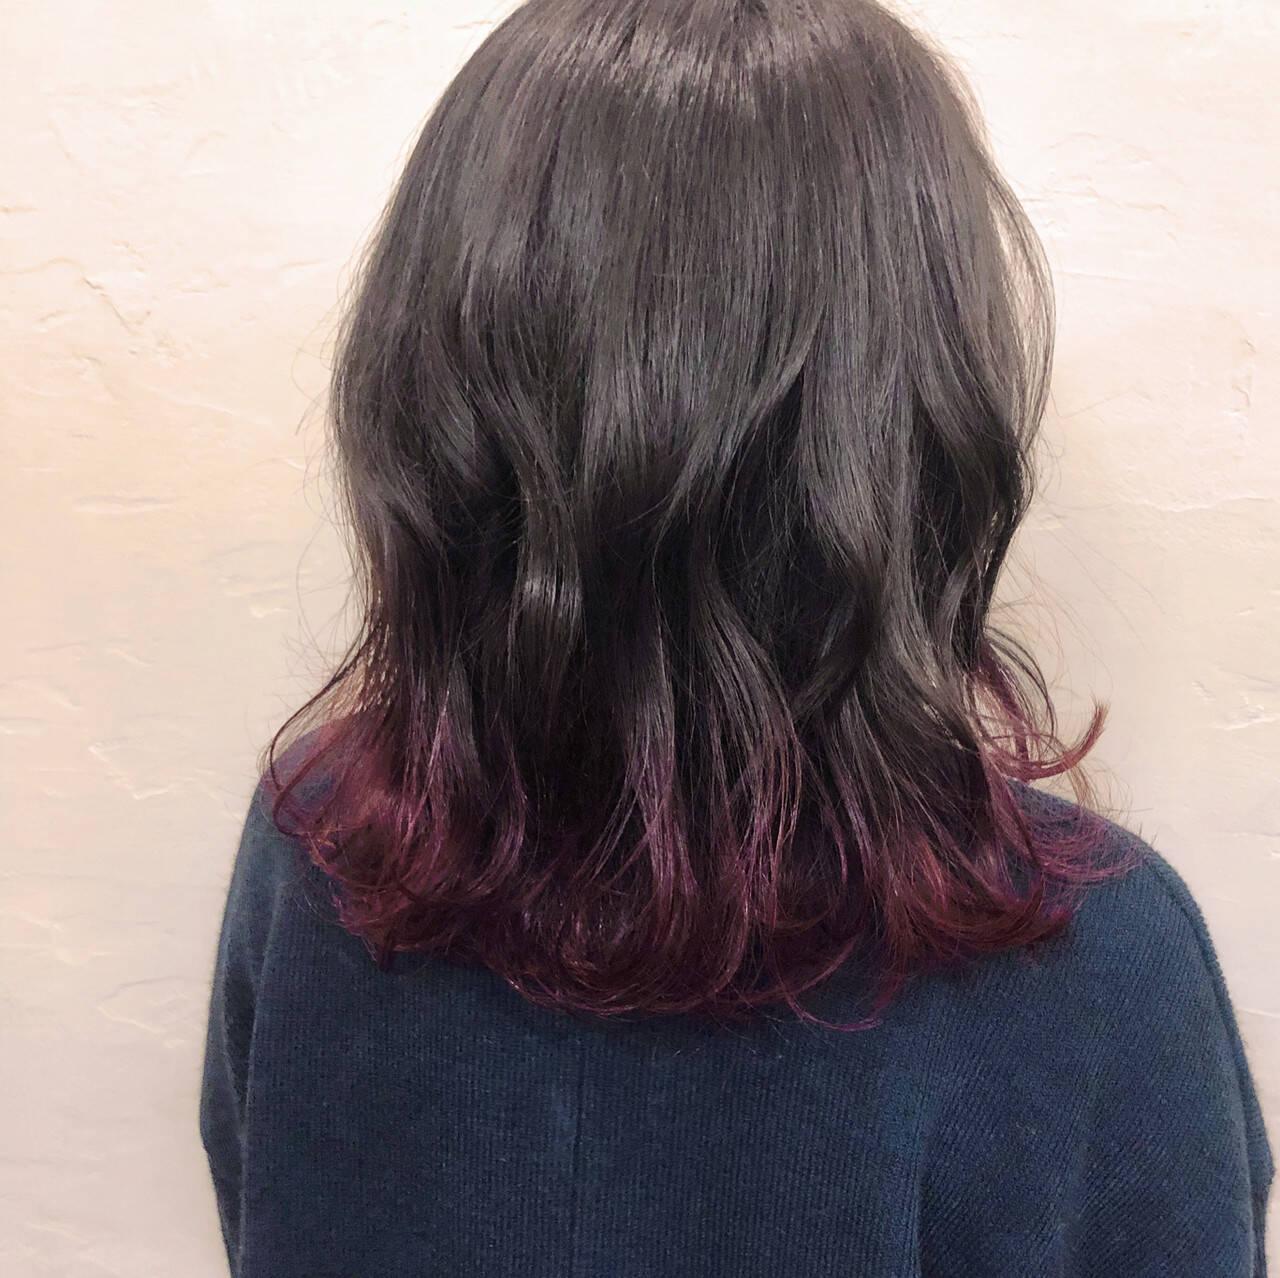 グラデーションカラー パーマ ダブルカラー モードヘアスタイルや髪型の写真・画像